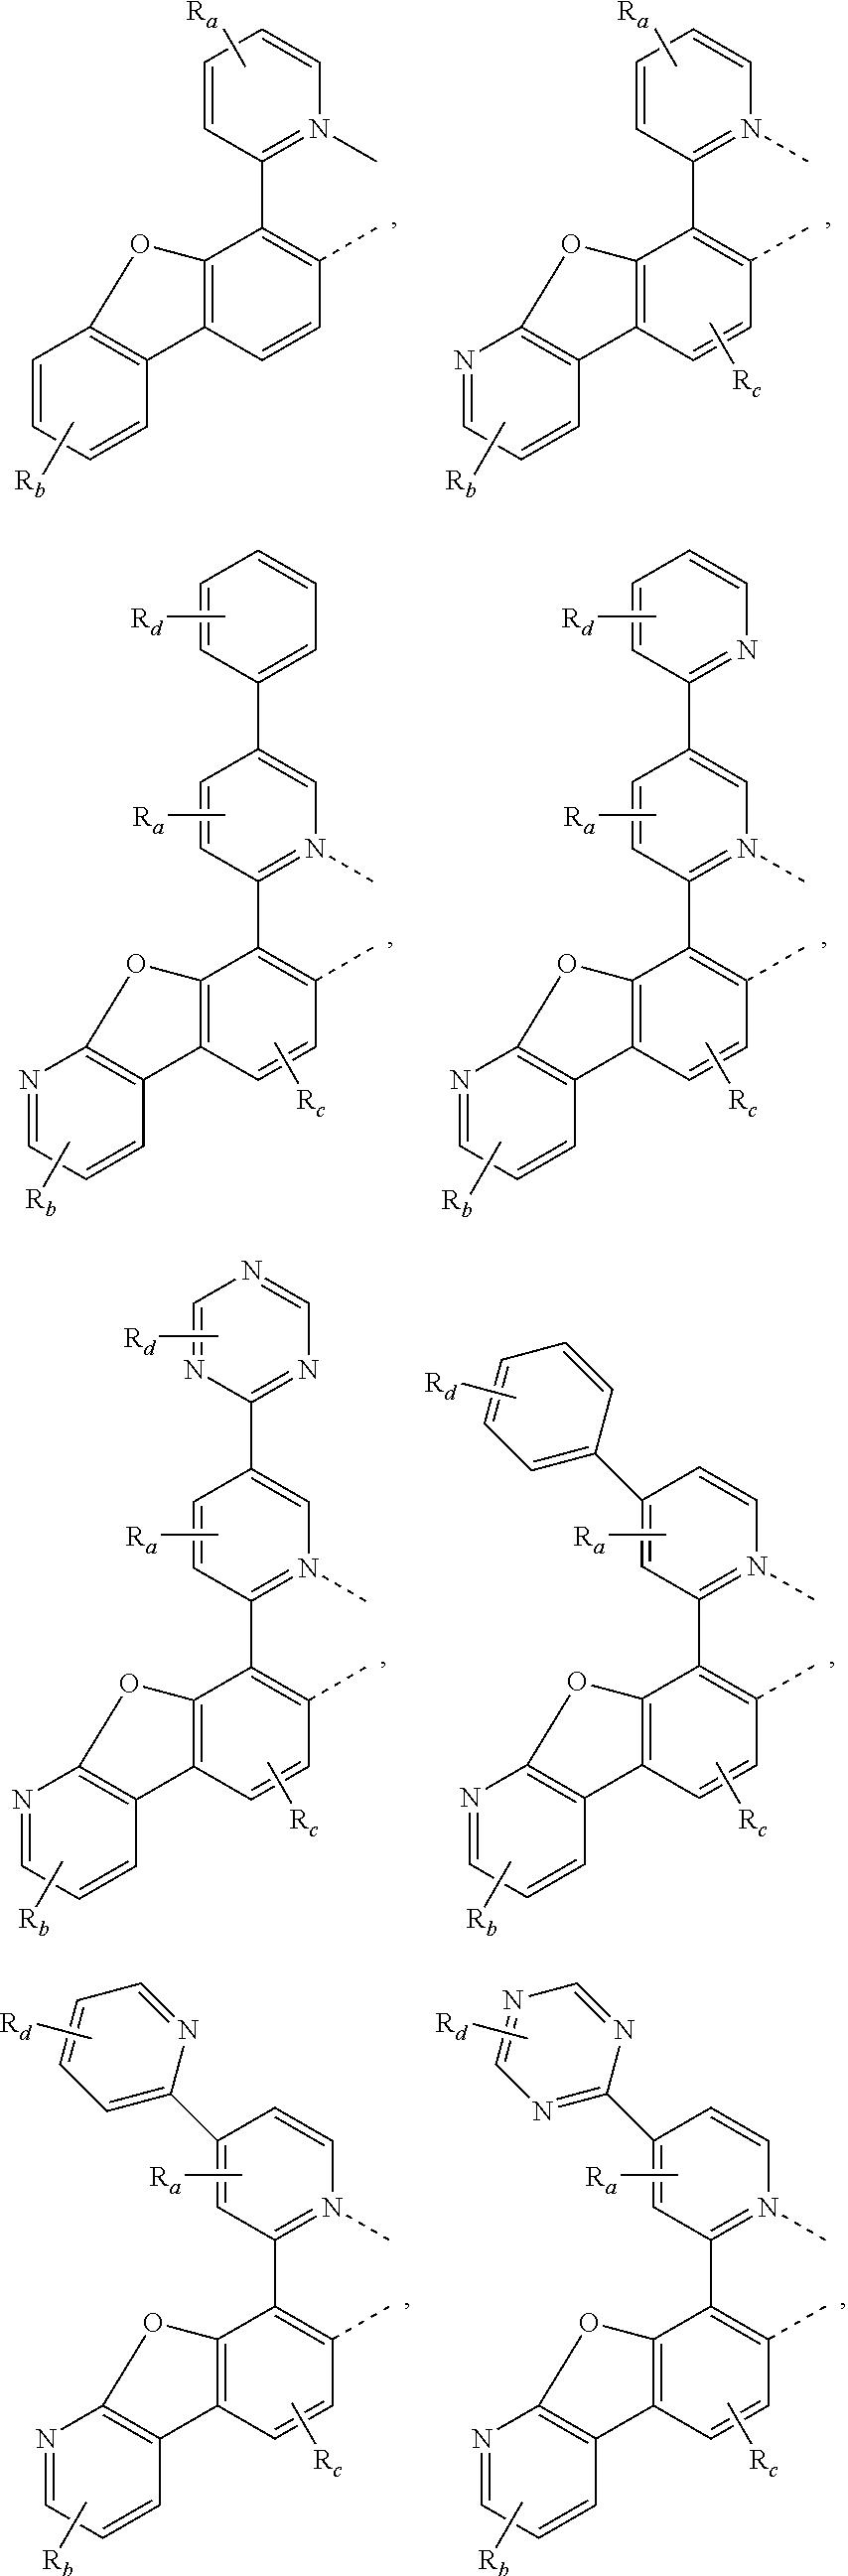 Figure US20180130962A1-20180510-C00021